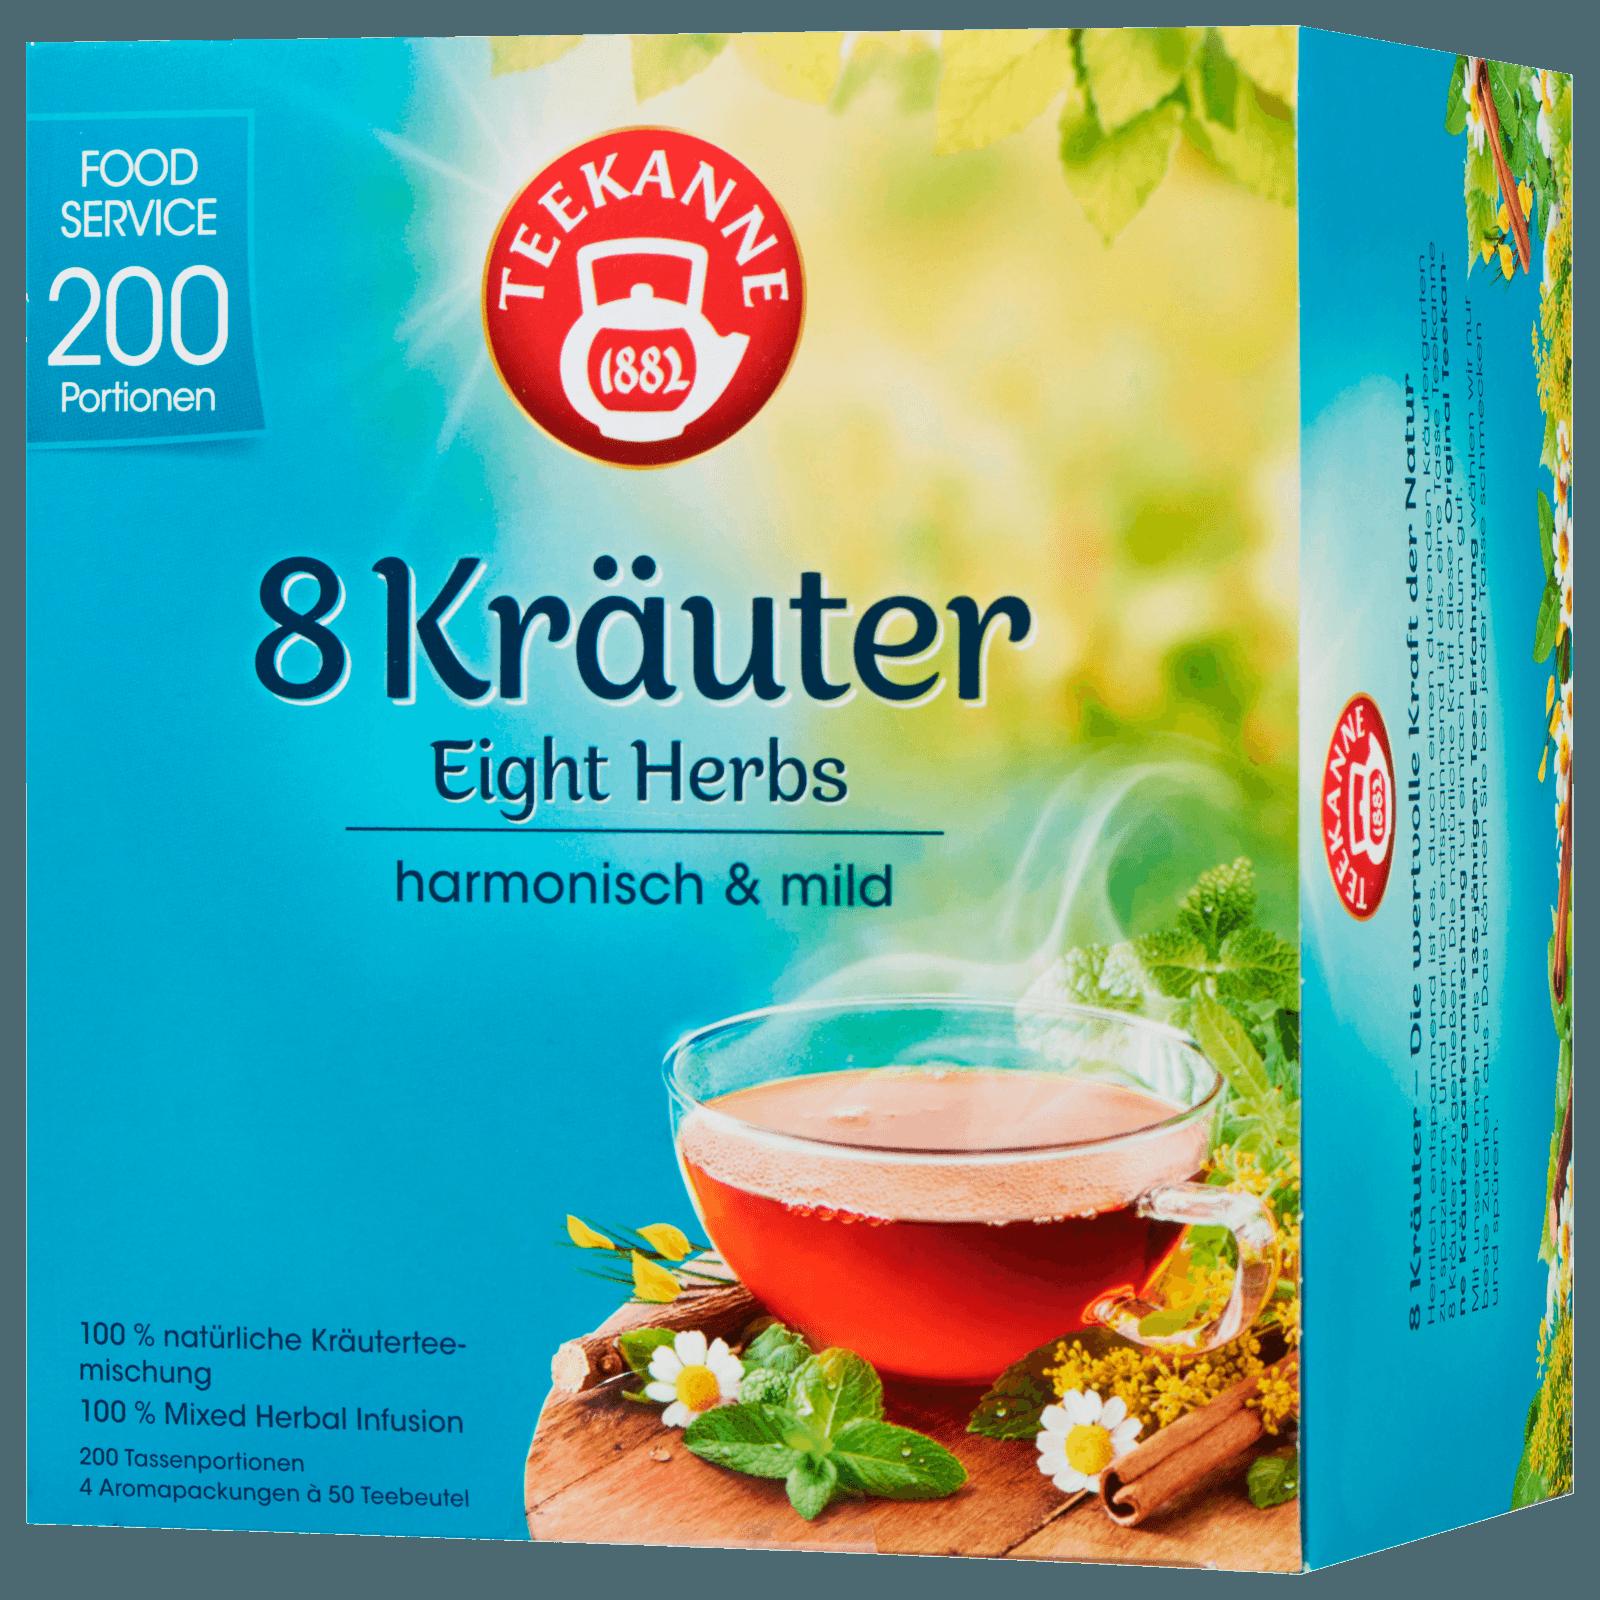 Teekanne 8 Kräuter Tee 250g, 200 Beutel